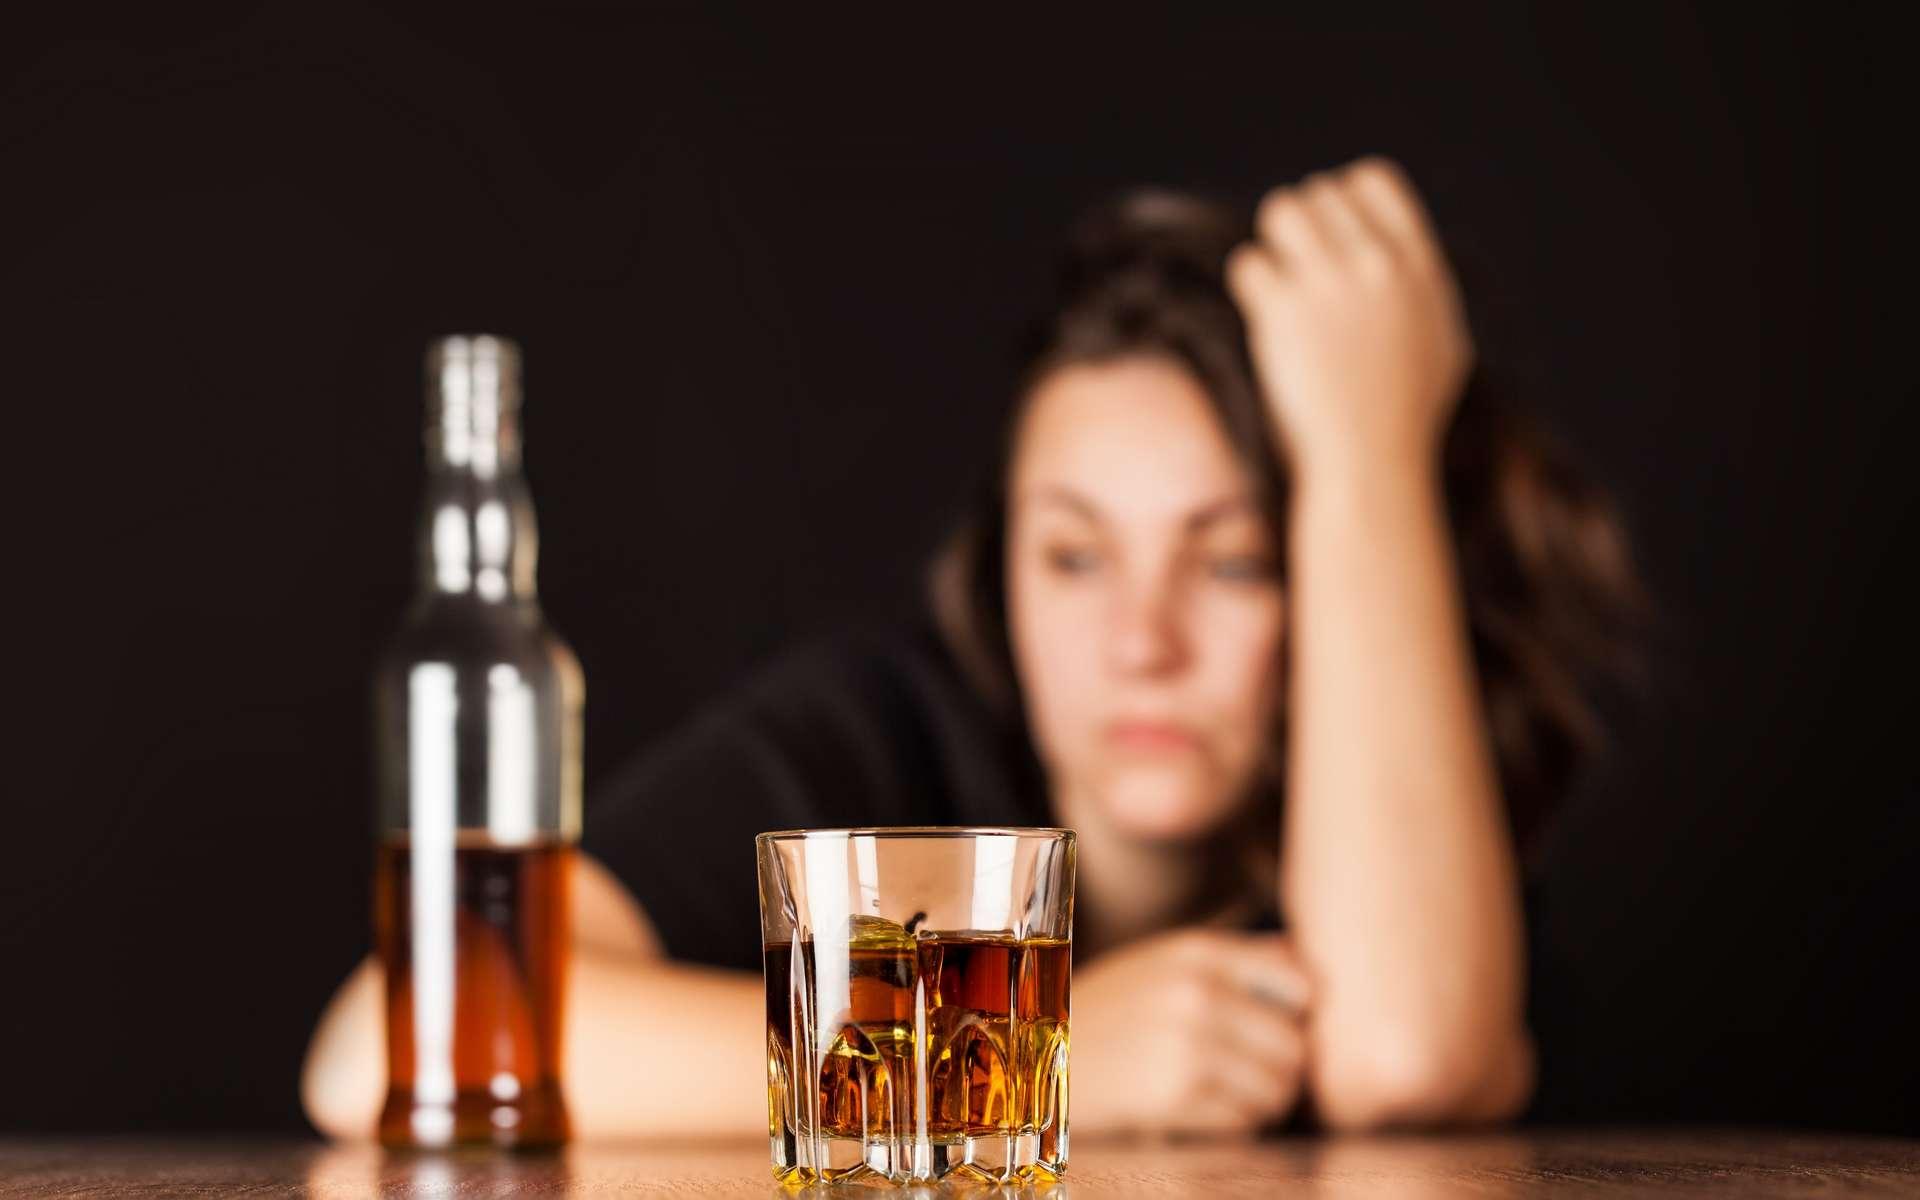 Si les femmes consomment moins d'alcool que les hommes, la sécrétion d'une hormone les rend plus vulnérables à ses effets néfastes. © BillonPhotos, Adobe Stock